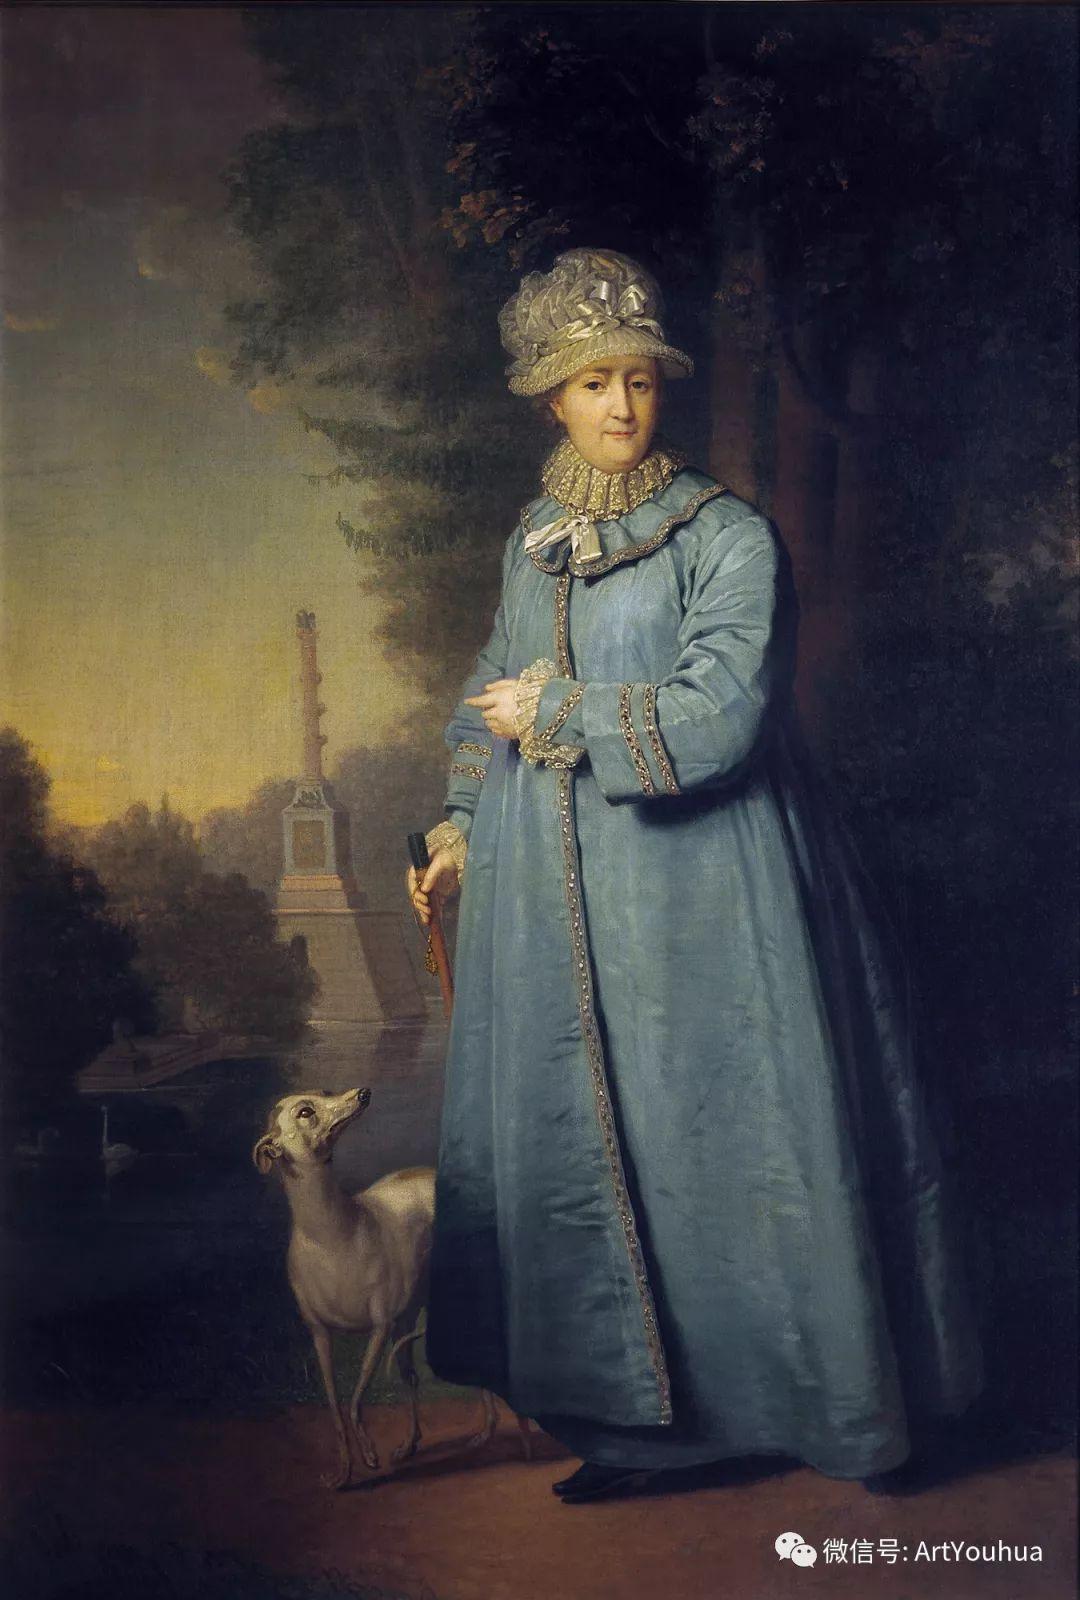 精美古典人物 俄罗斯画家Vladimir Borovikovsky插图27